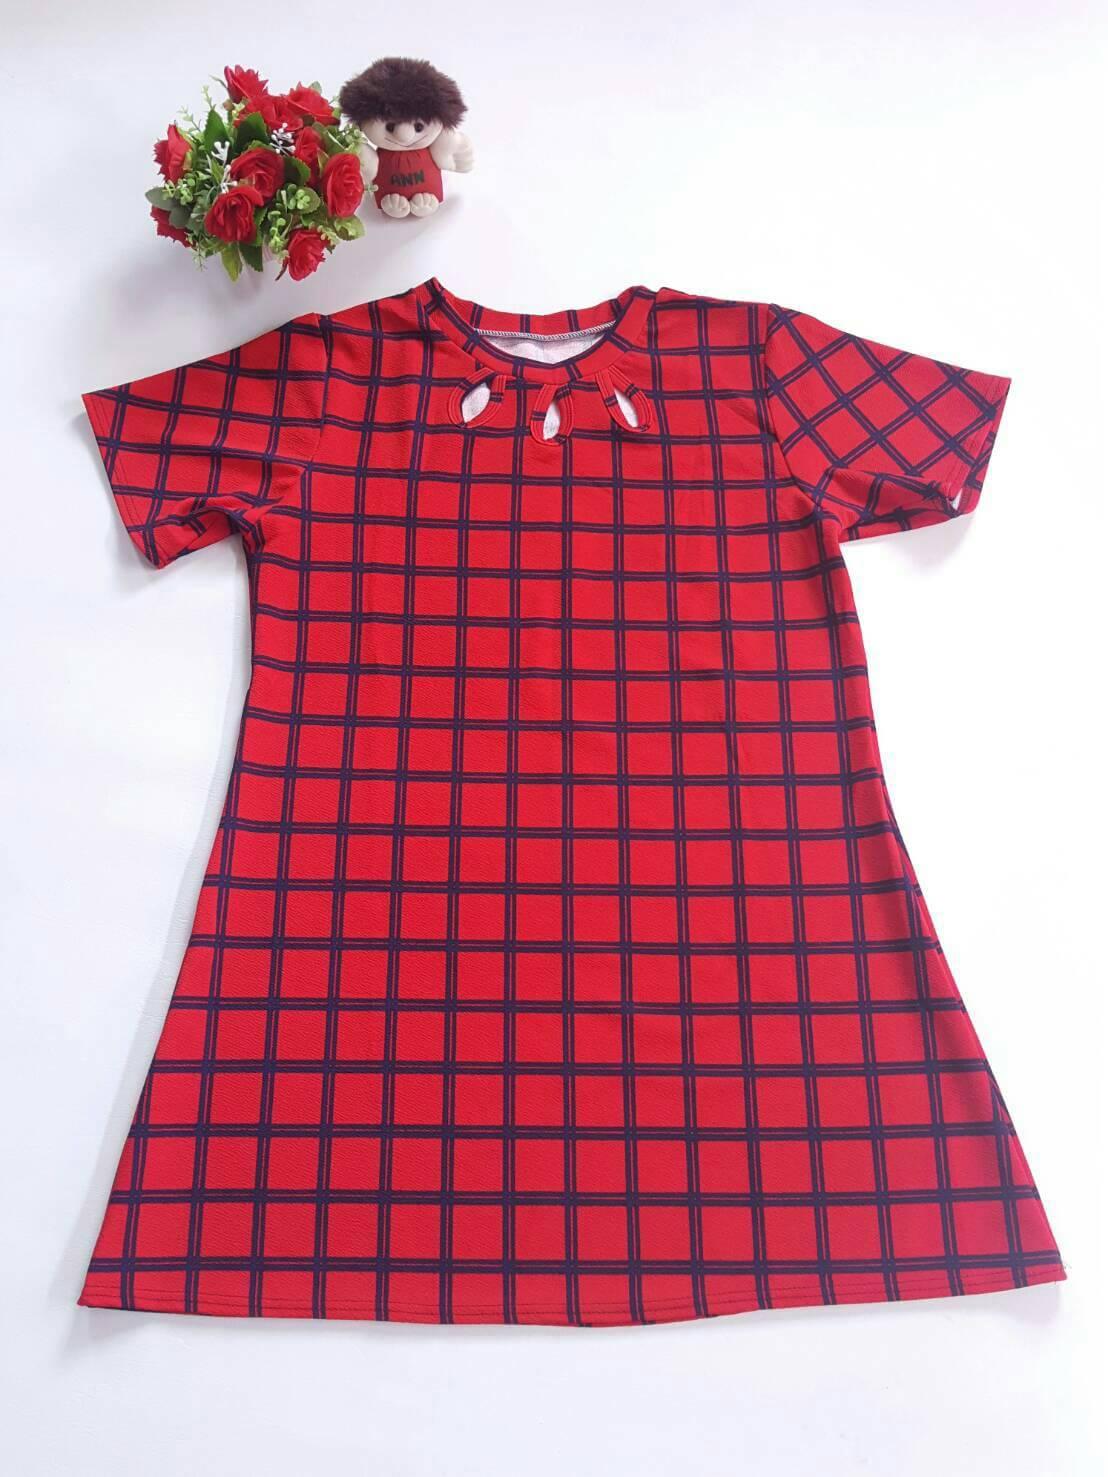 DRESS ไซส์อวบ อก 42 เดรส ผ้าผ้าทอหนังไก่ เนื้อผ้ายืดหยุ่นดี อก42 - 46 ยาว 33